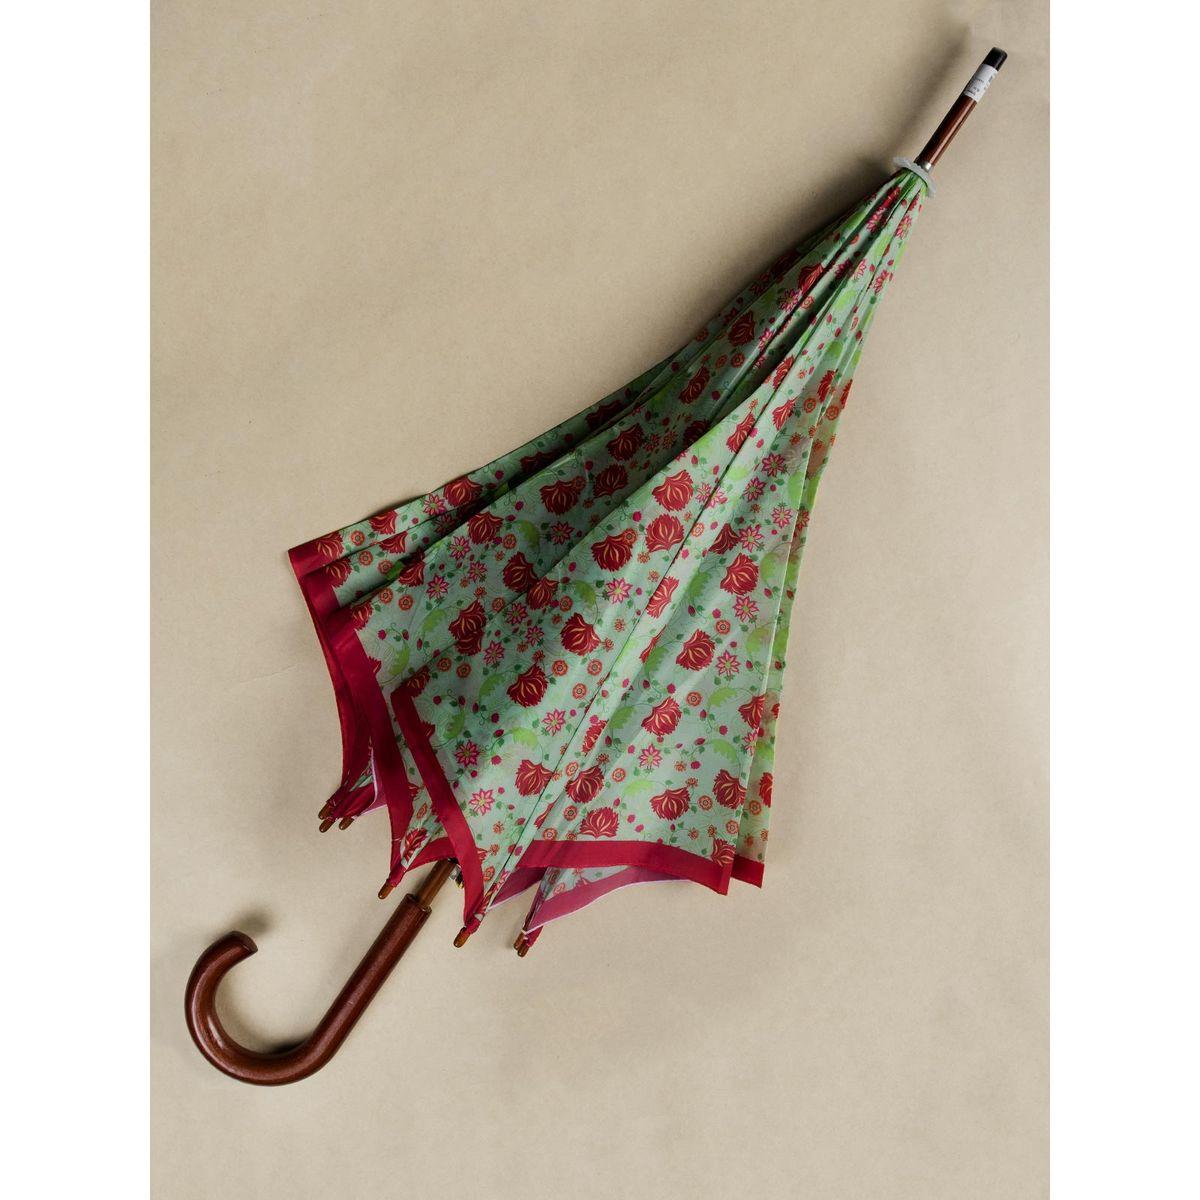 Green Floral umbrella